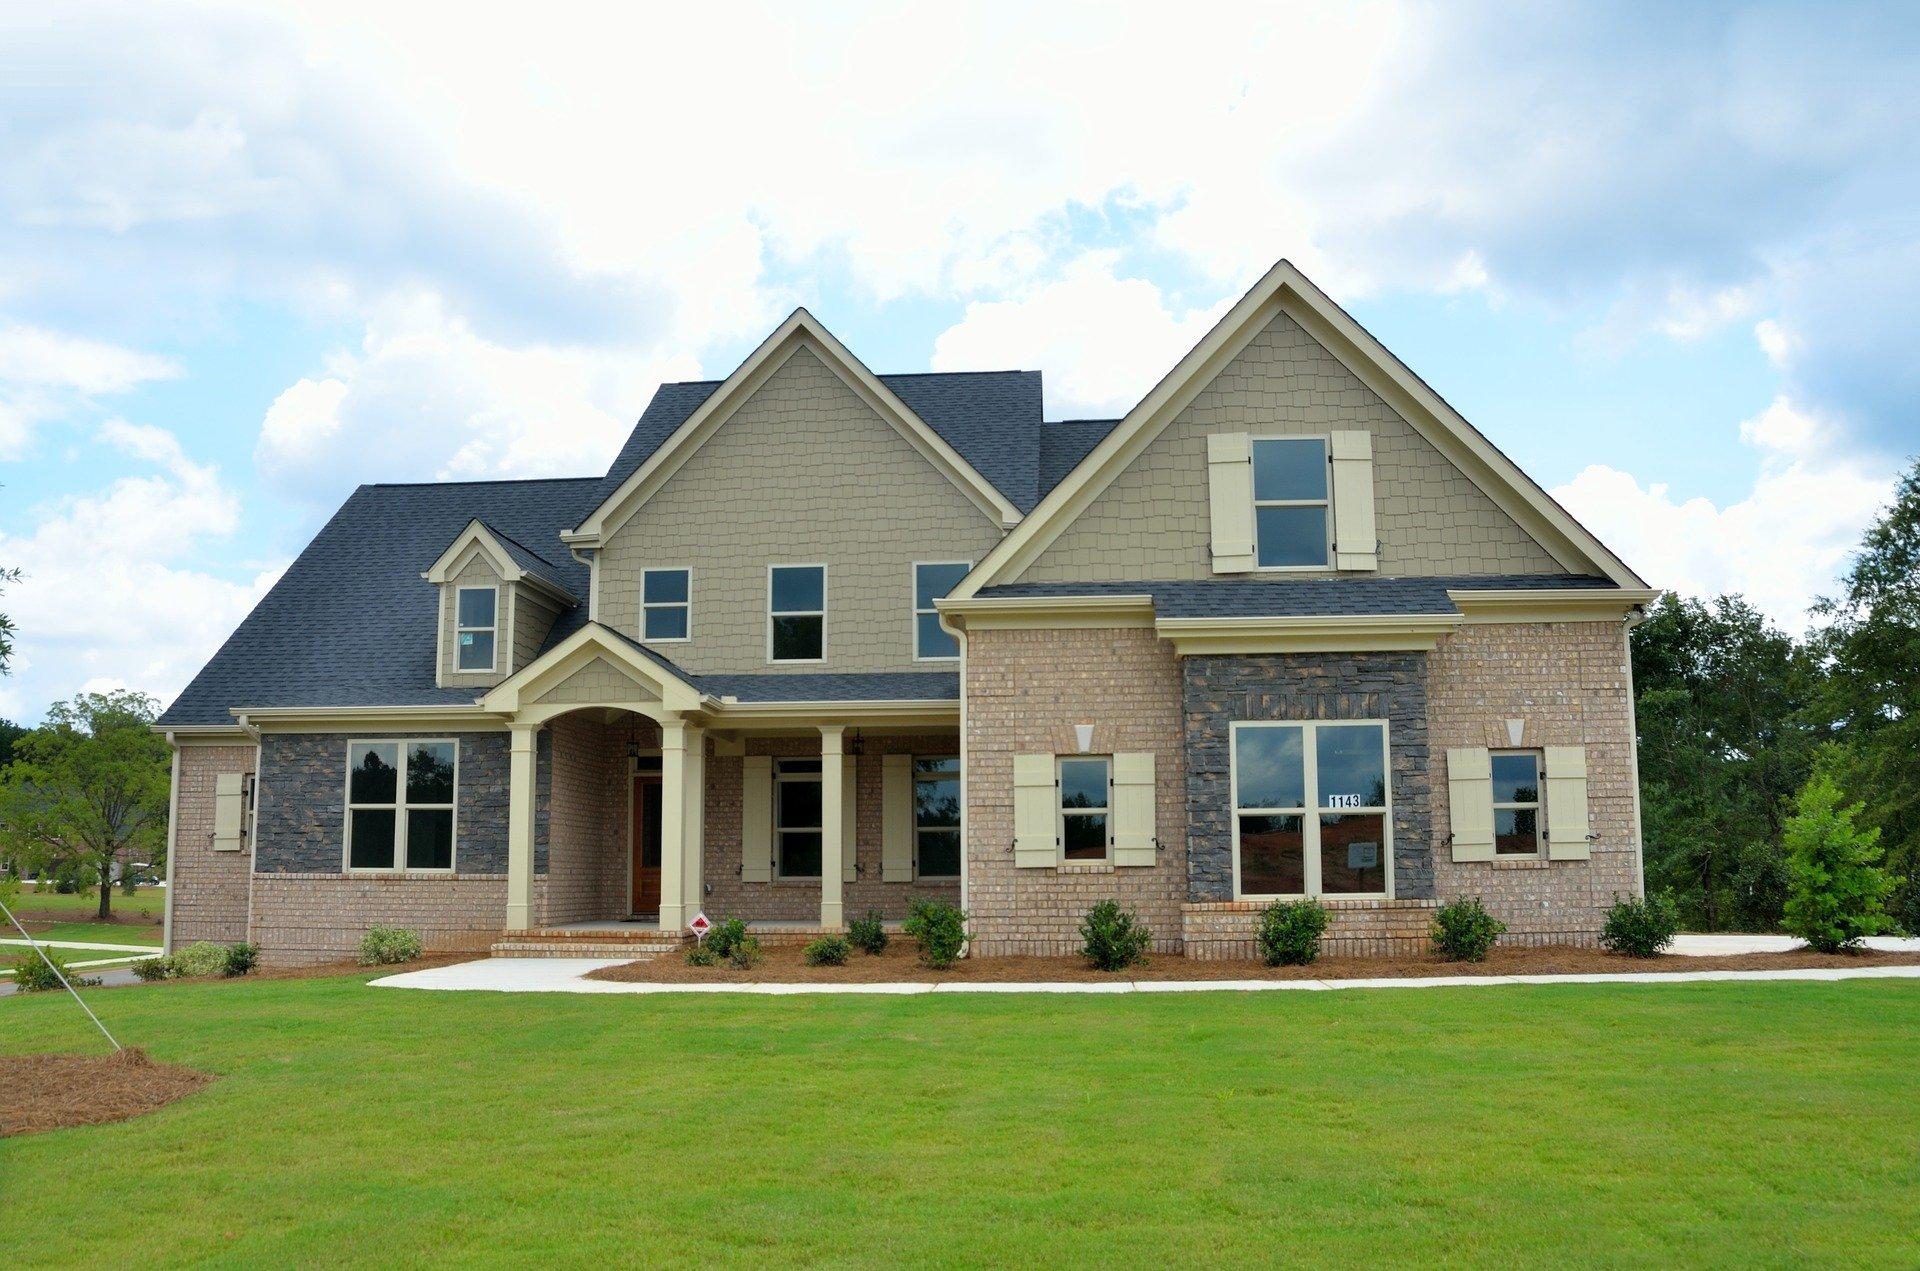 Massivhäuser bieten Bauherren und Eigentümern vielfältige Vorteile.